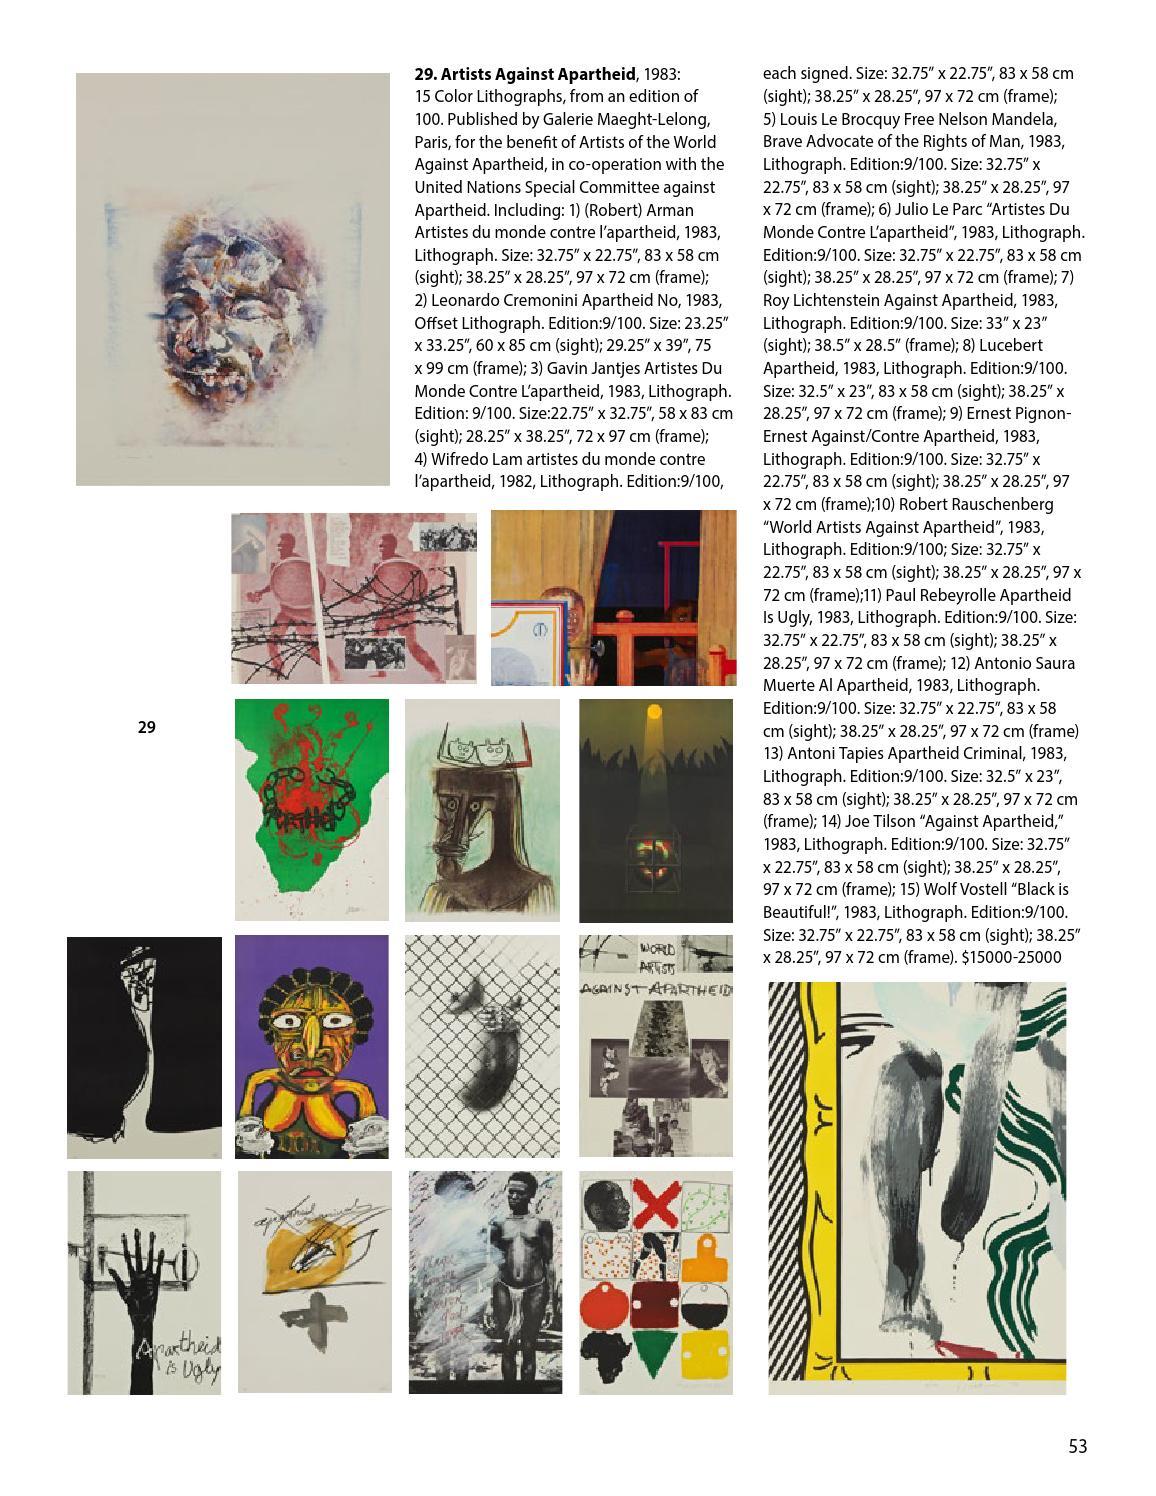 Roy Lichtenstein-Against Apartheid-1983 Lithograph